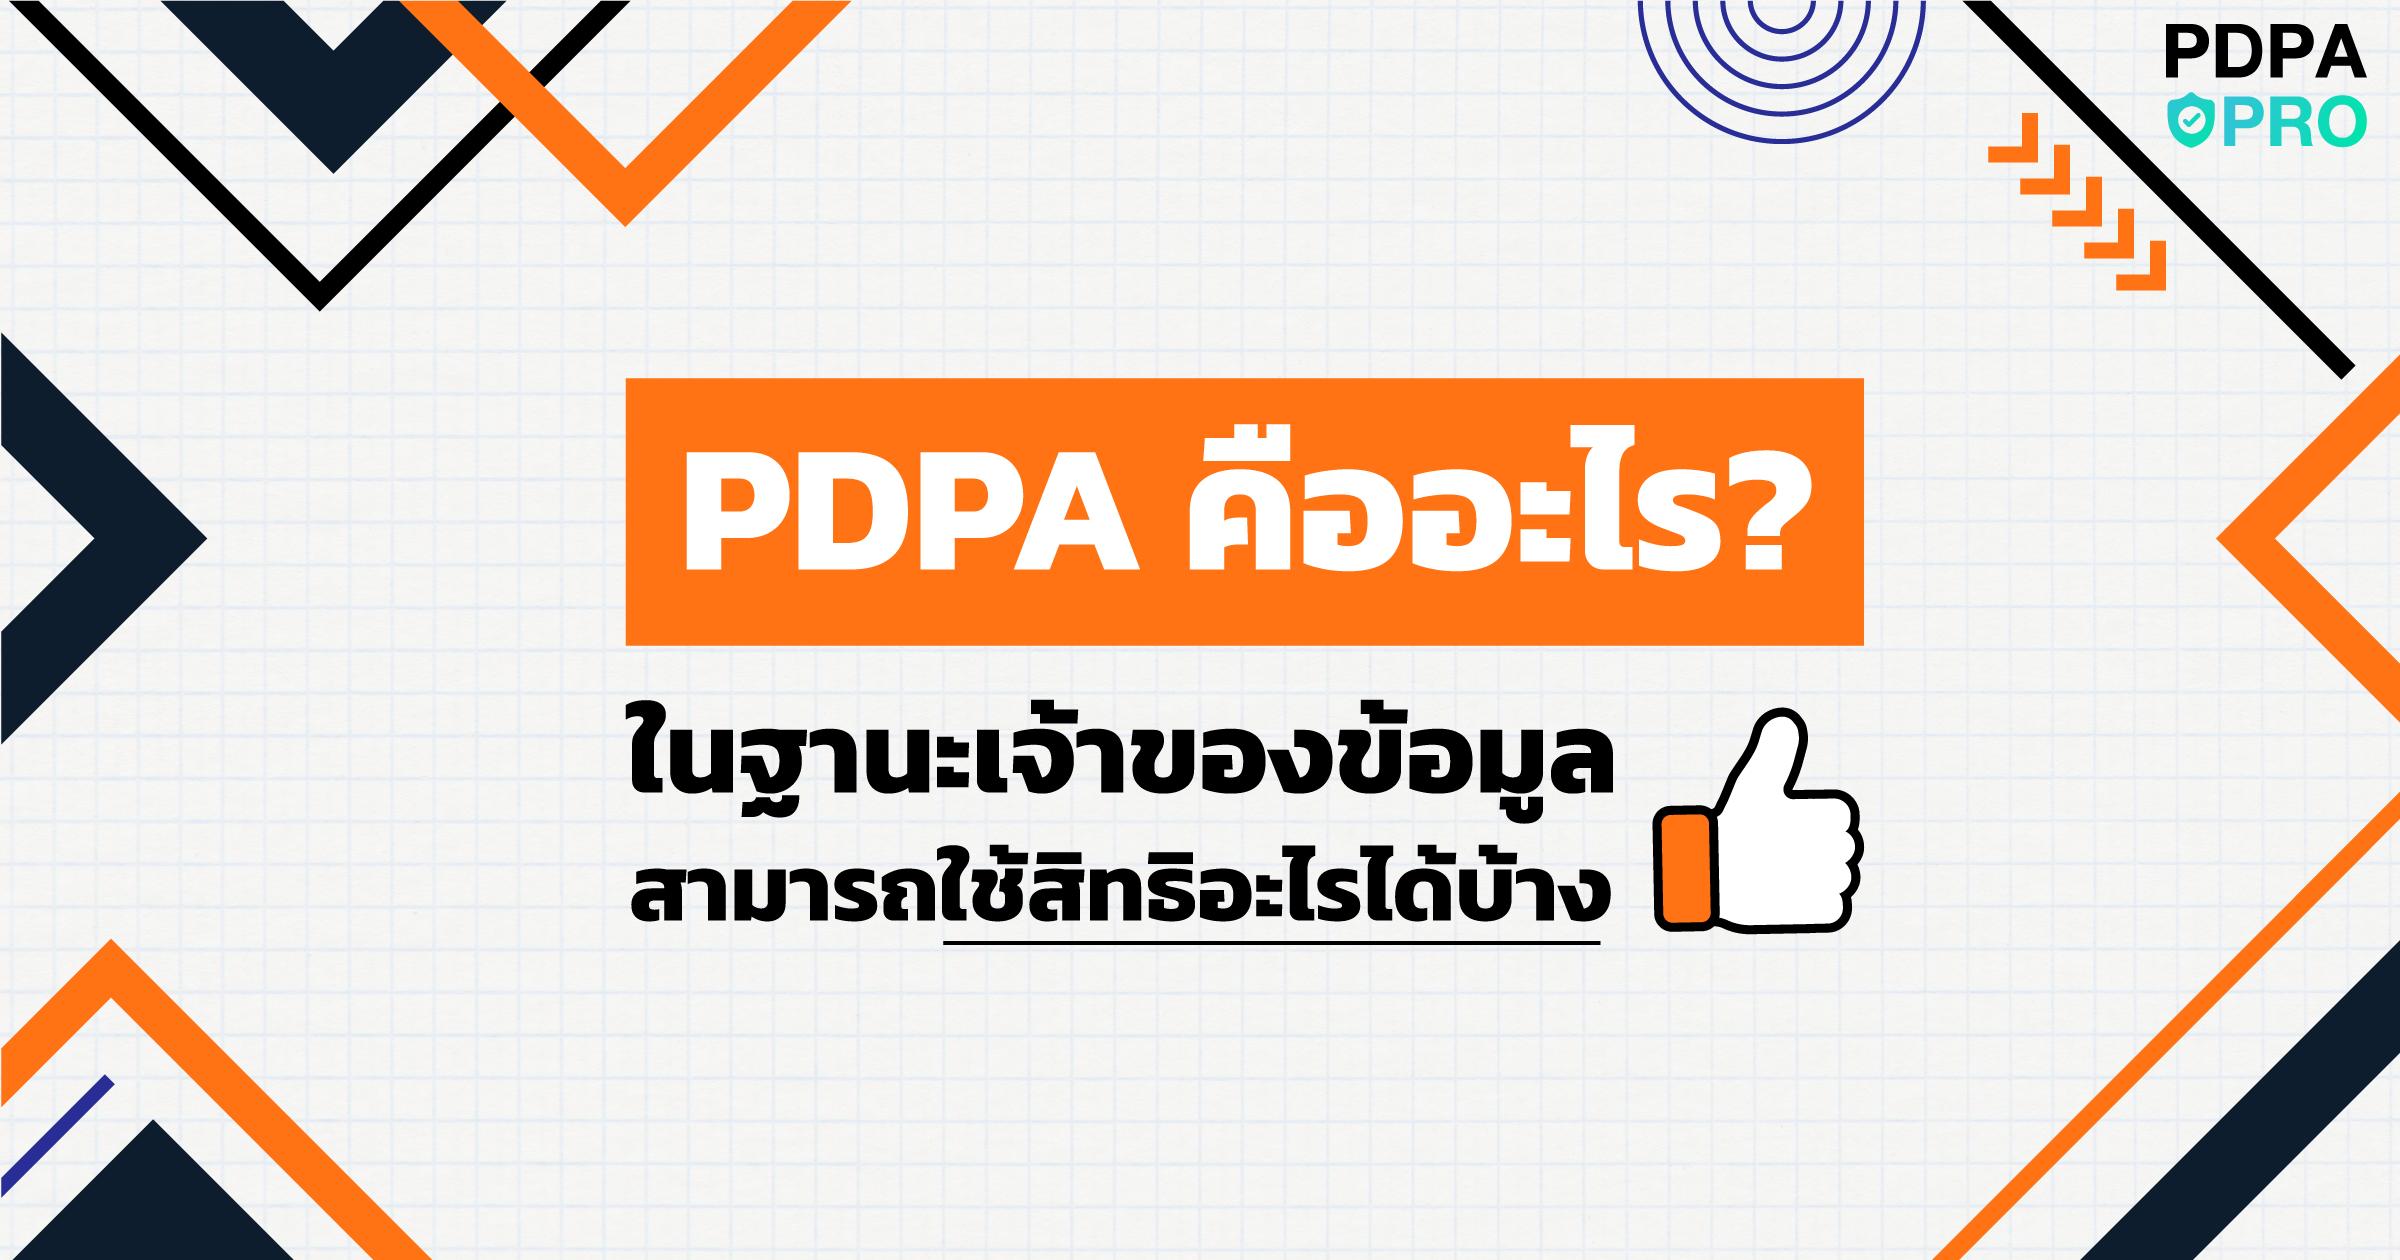 PDPA คืออะไร เจ้าของข้อมูลสามารถใช้สิทธิอะไรได้บ้าง